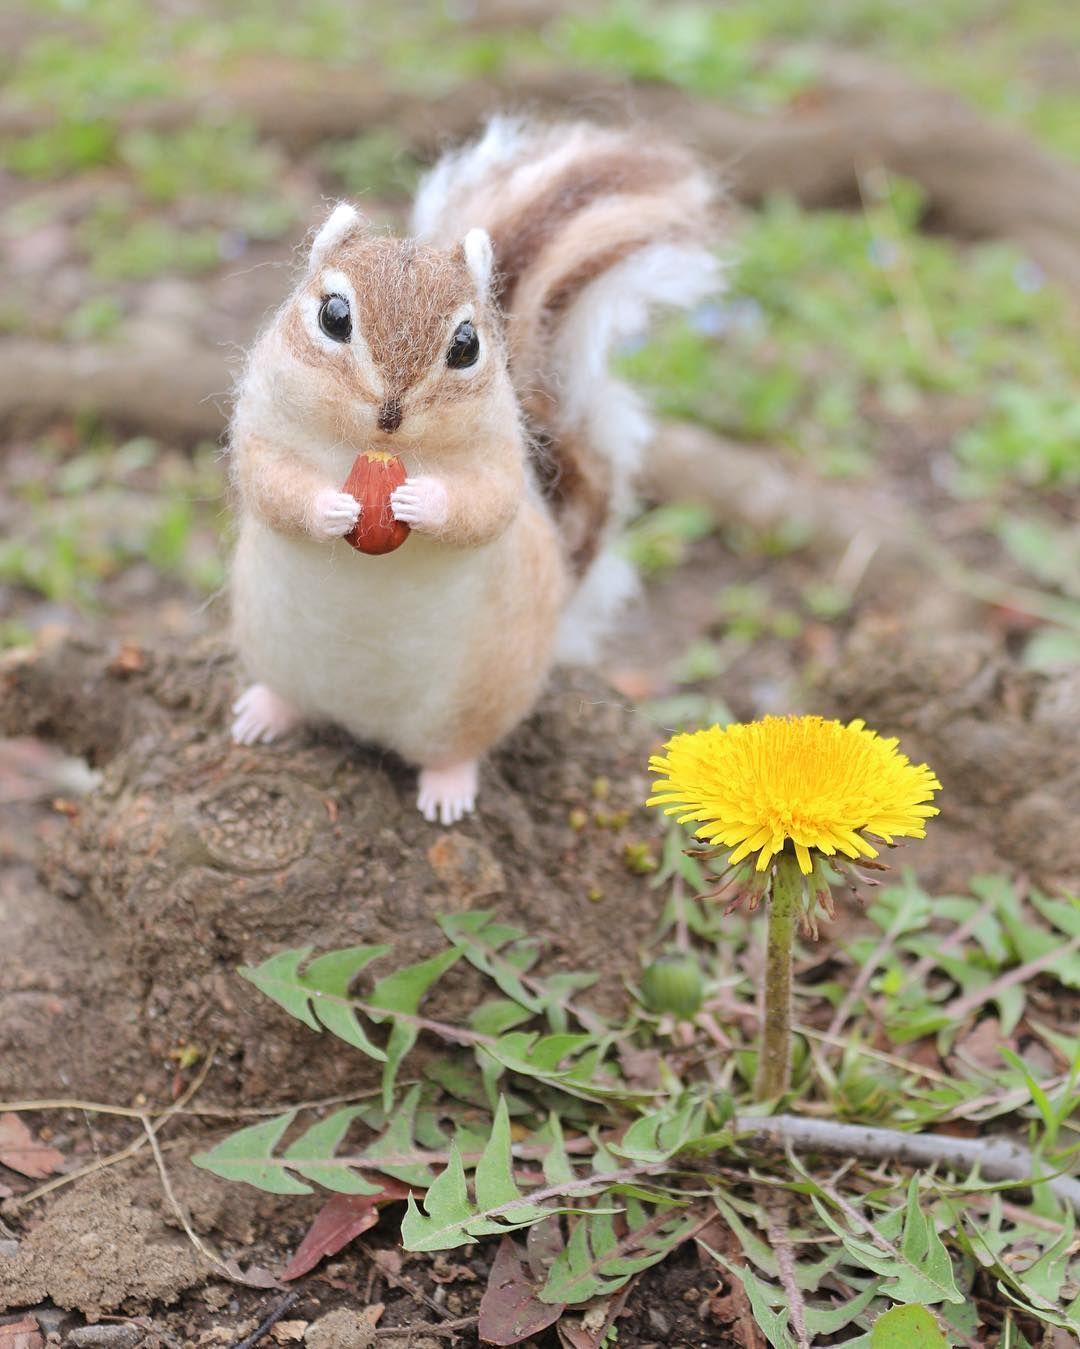 珍しいキノコだわ もぐもぐ シマリスさん それキノコじゃないですよ 散歩の途中で見つけたすごく背が低いタンポポ 地上から5センチくらいの所で 立派に 鮮やかに まっすぐ空へ向かって咲いていました リスの連投失礼いたしました シマリ